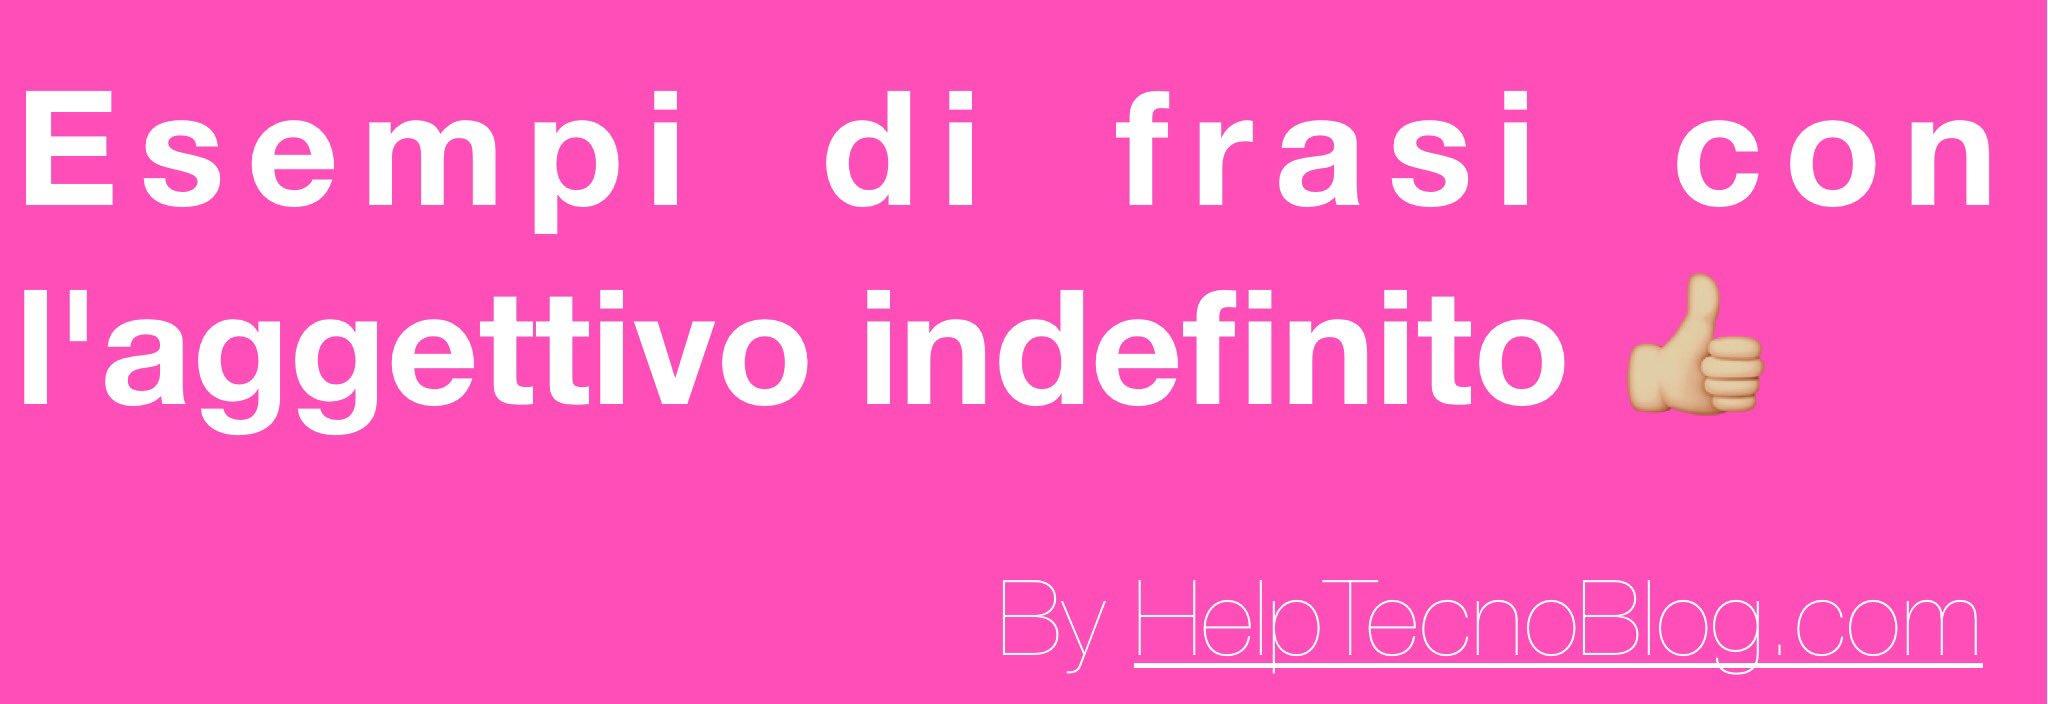 Esempi di frasi con aggettivo indefinito